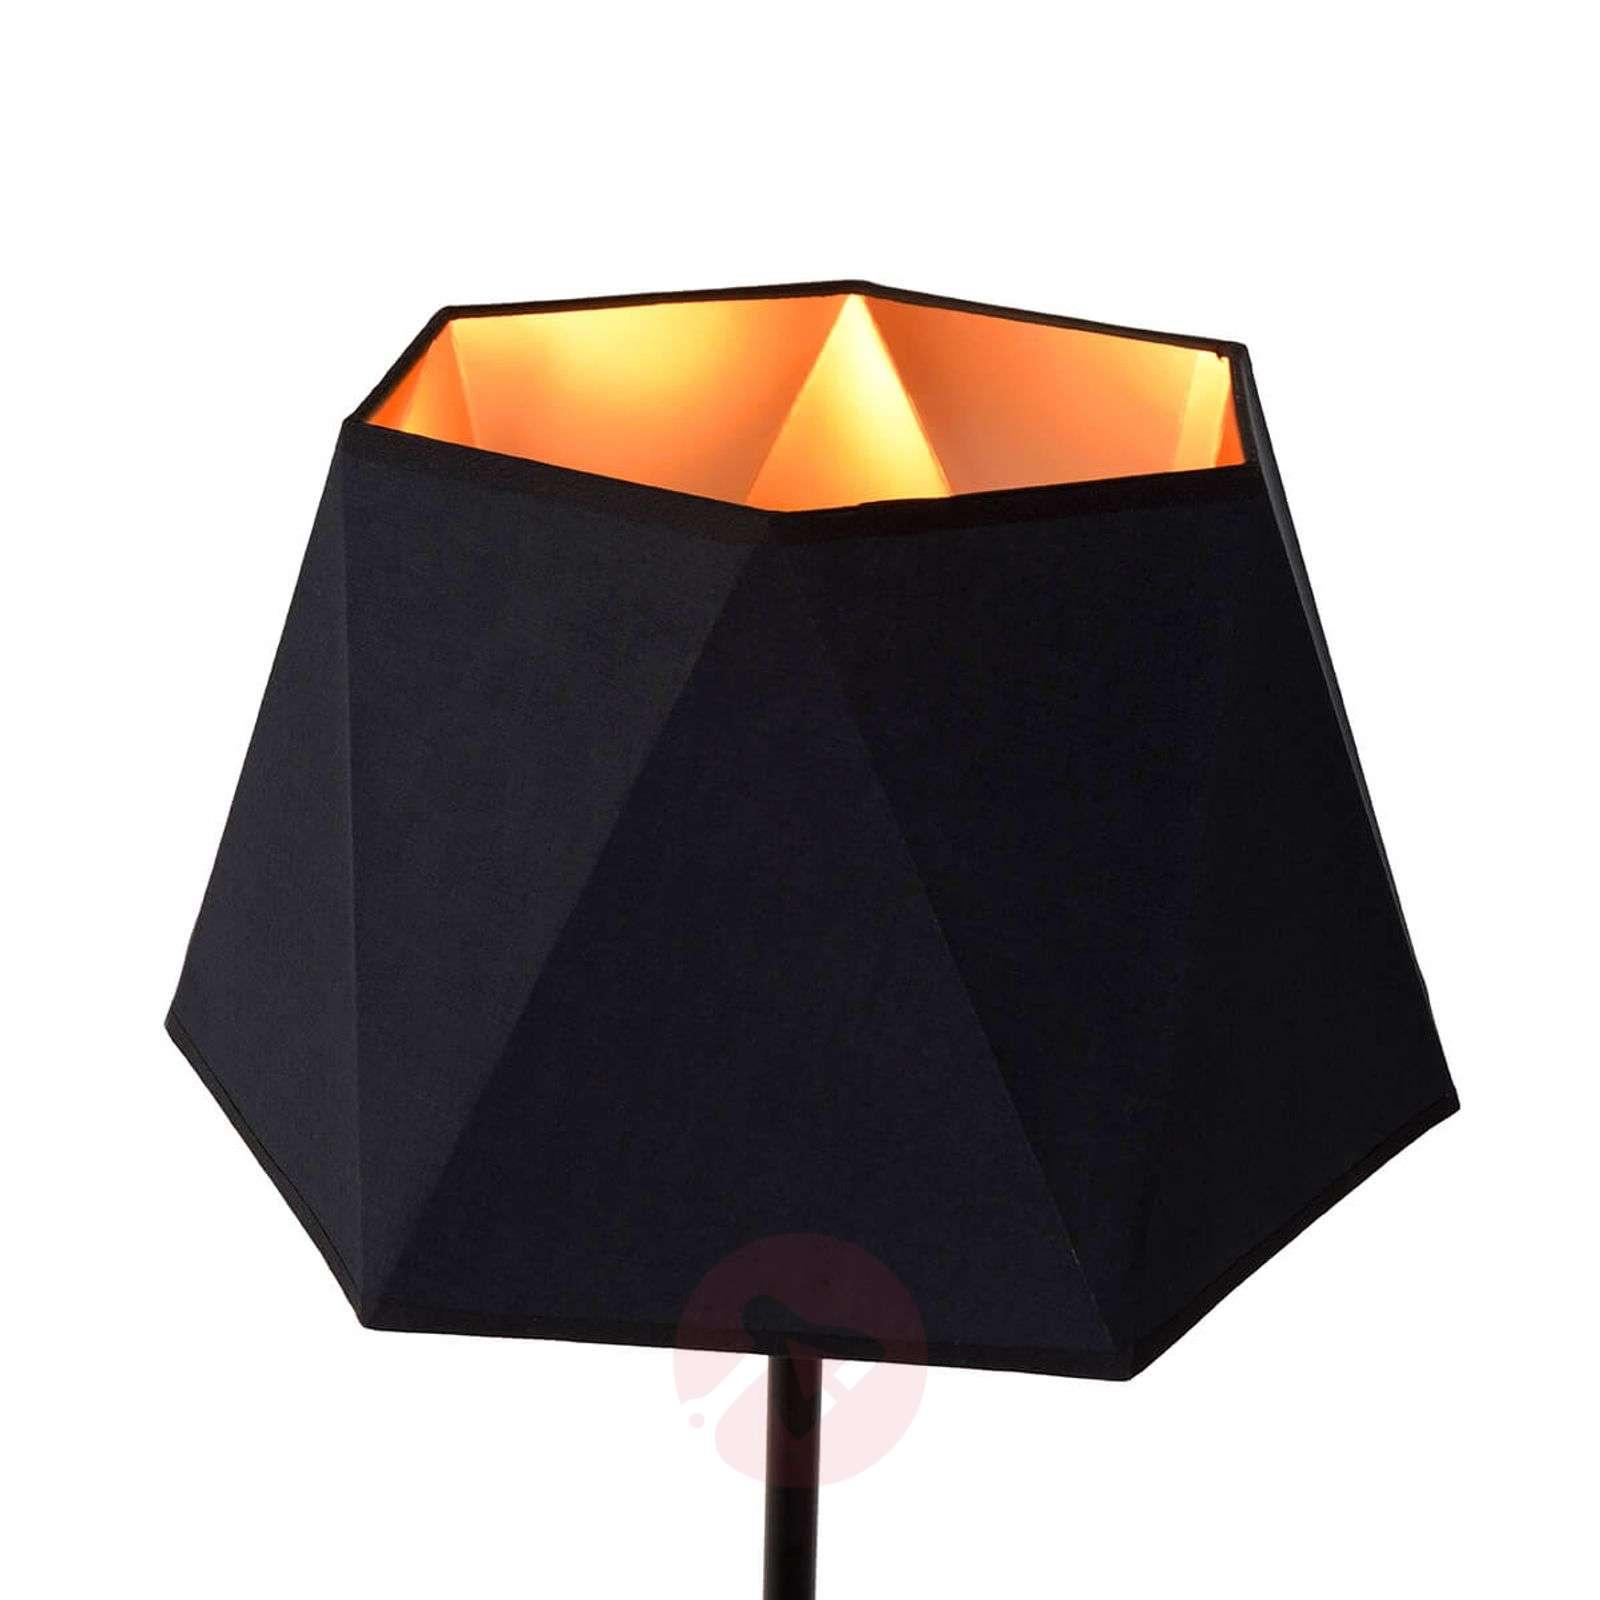 Excellent floor lamp Alegro in black-6055159-01